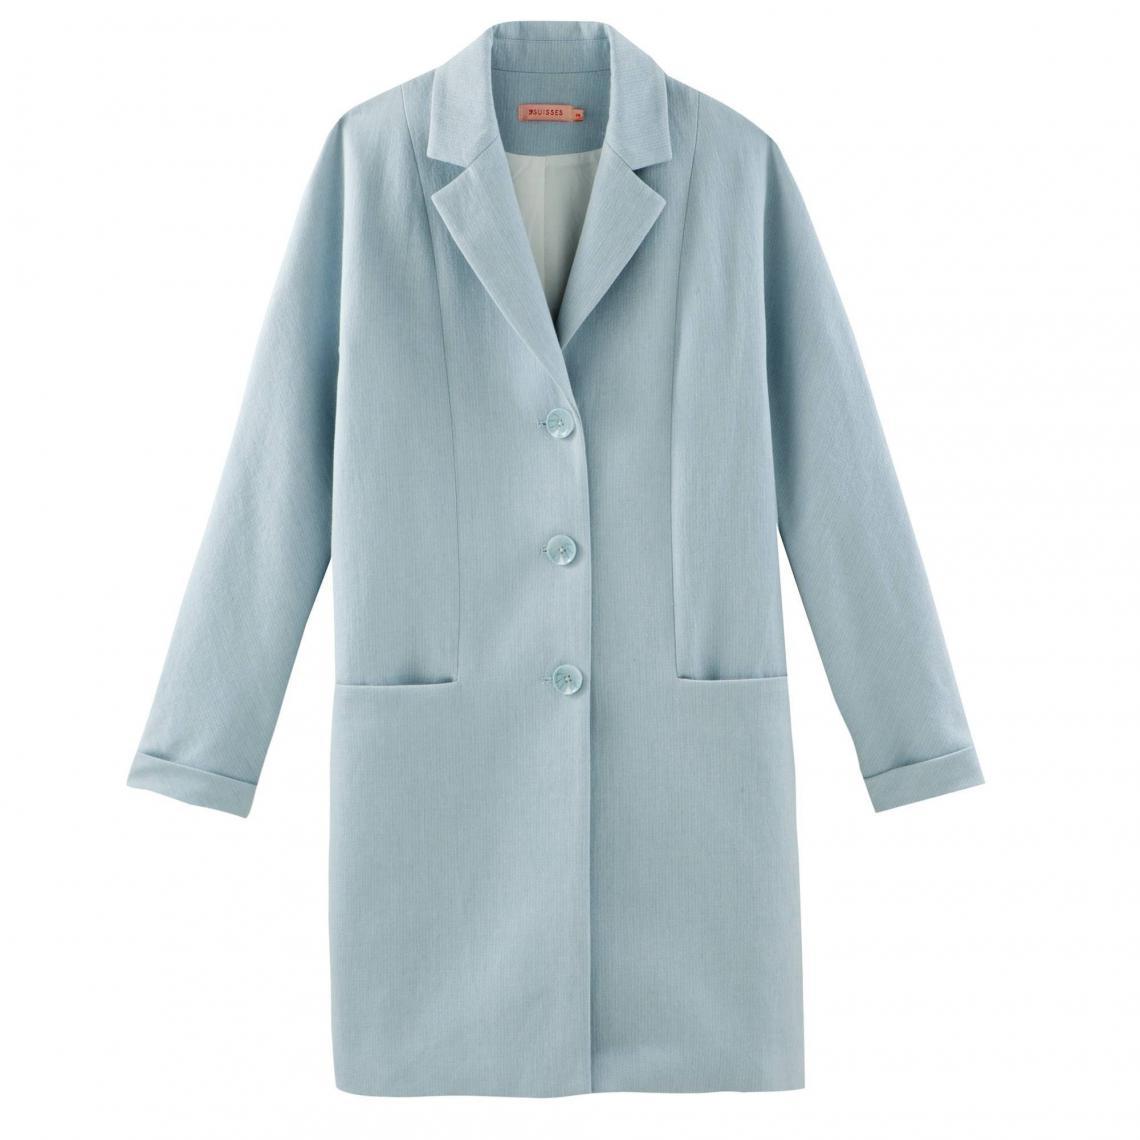 0076494416e68 Manteau long boutonné demi-saison femme - Bleu Ciel   3Suisses